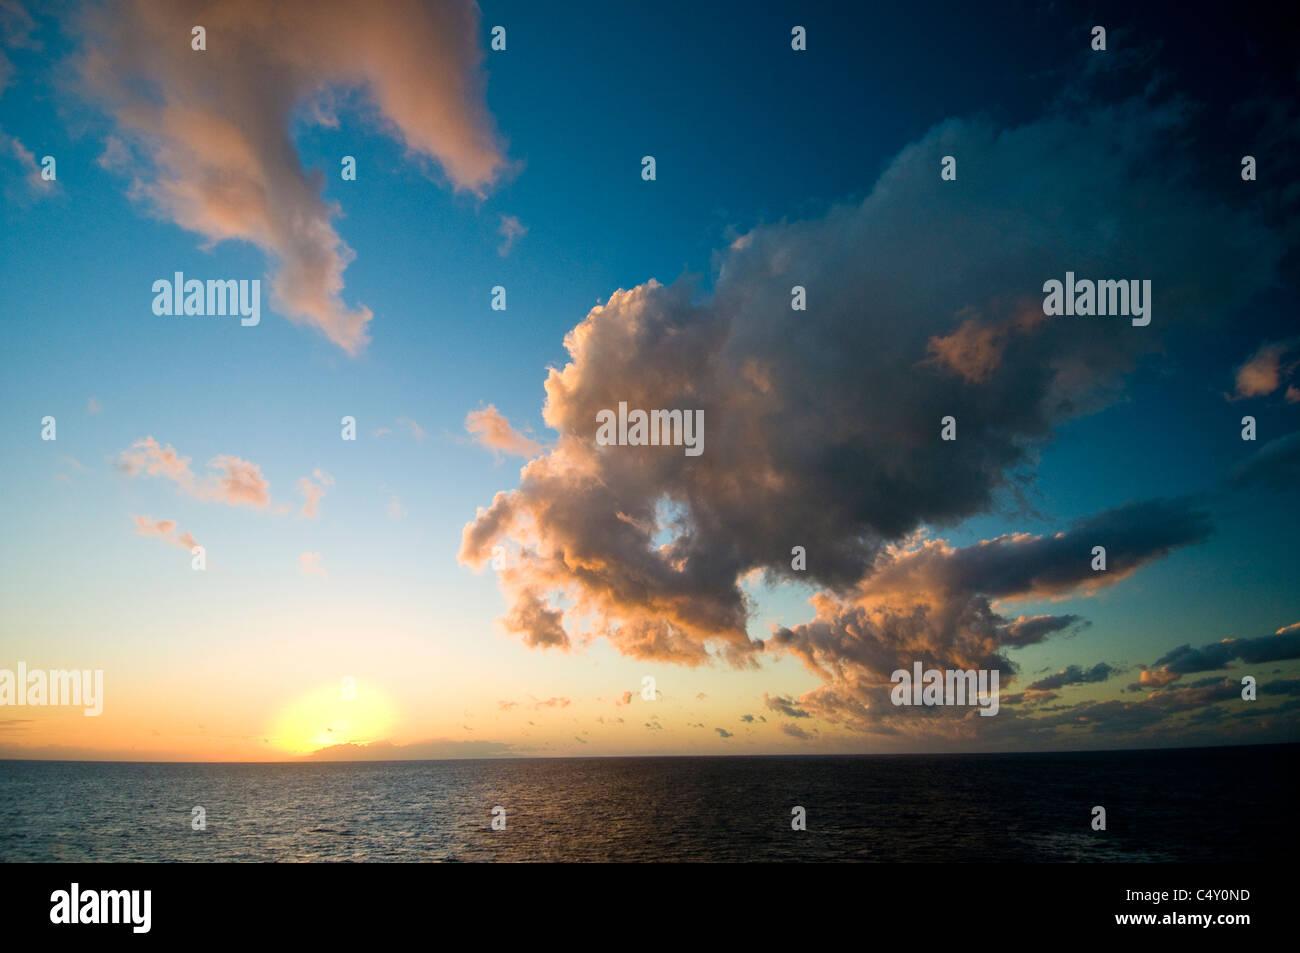 Sunset over Great Barrier Reef northeast of Cairns in Queensland Australia - Stock Image